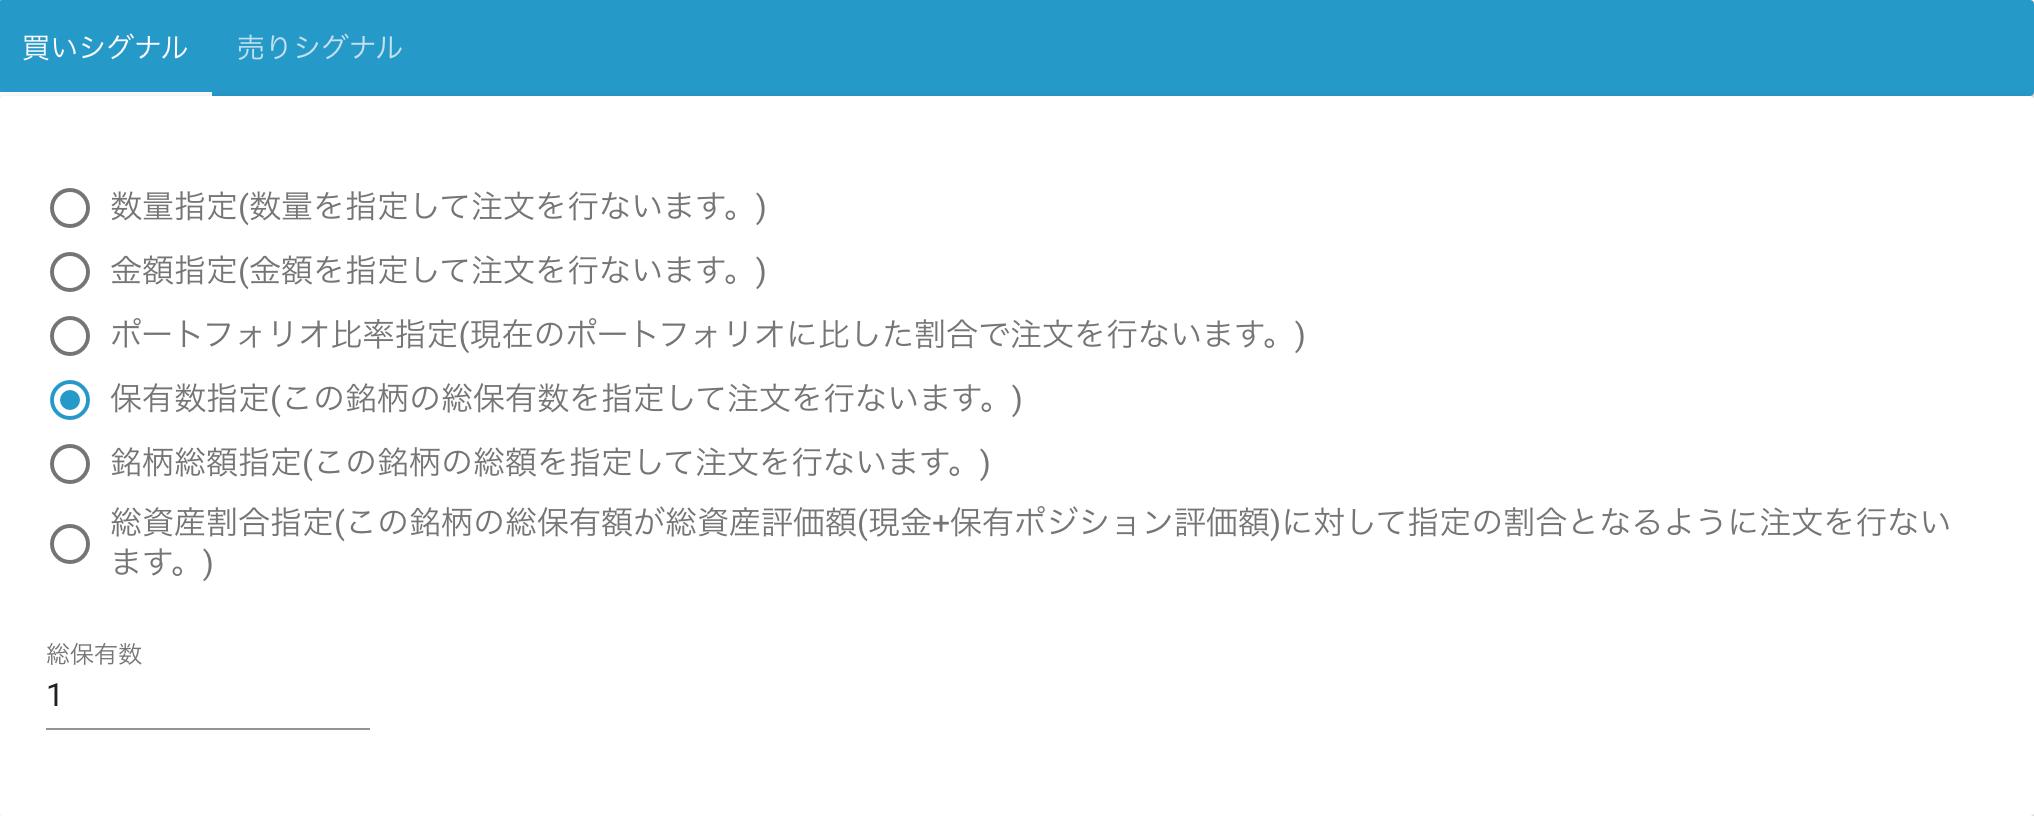 スクリーンショット 2019-09-18 21.16.55.png